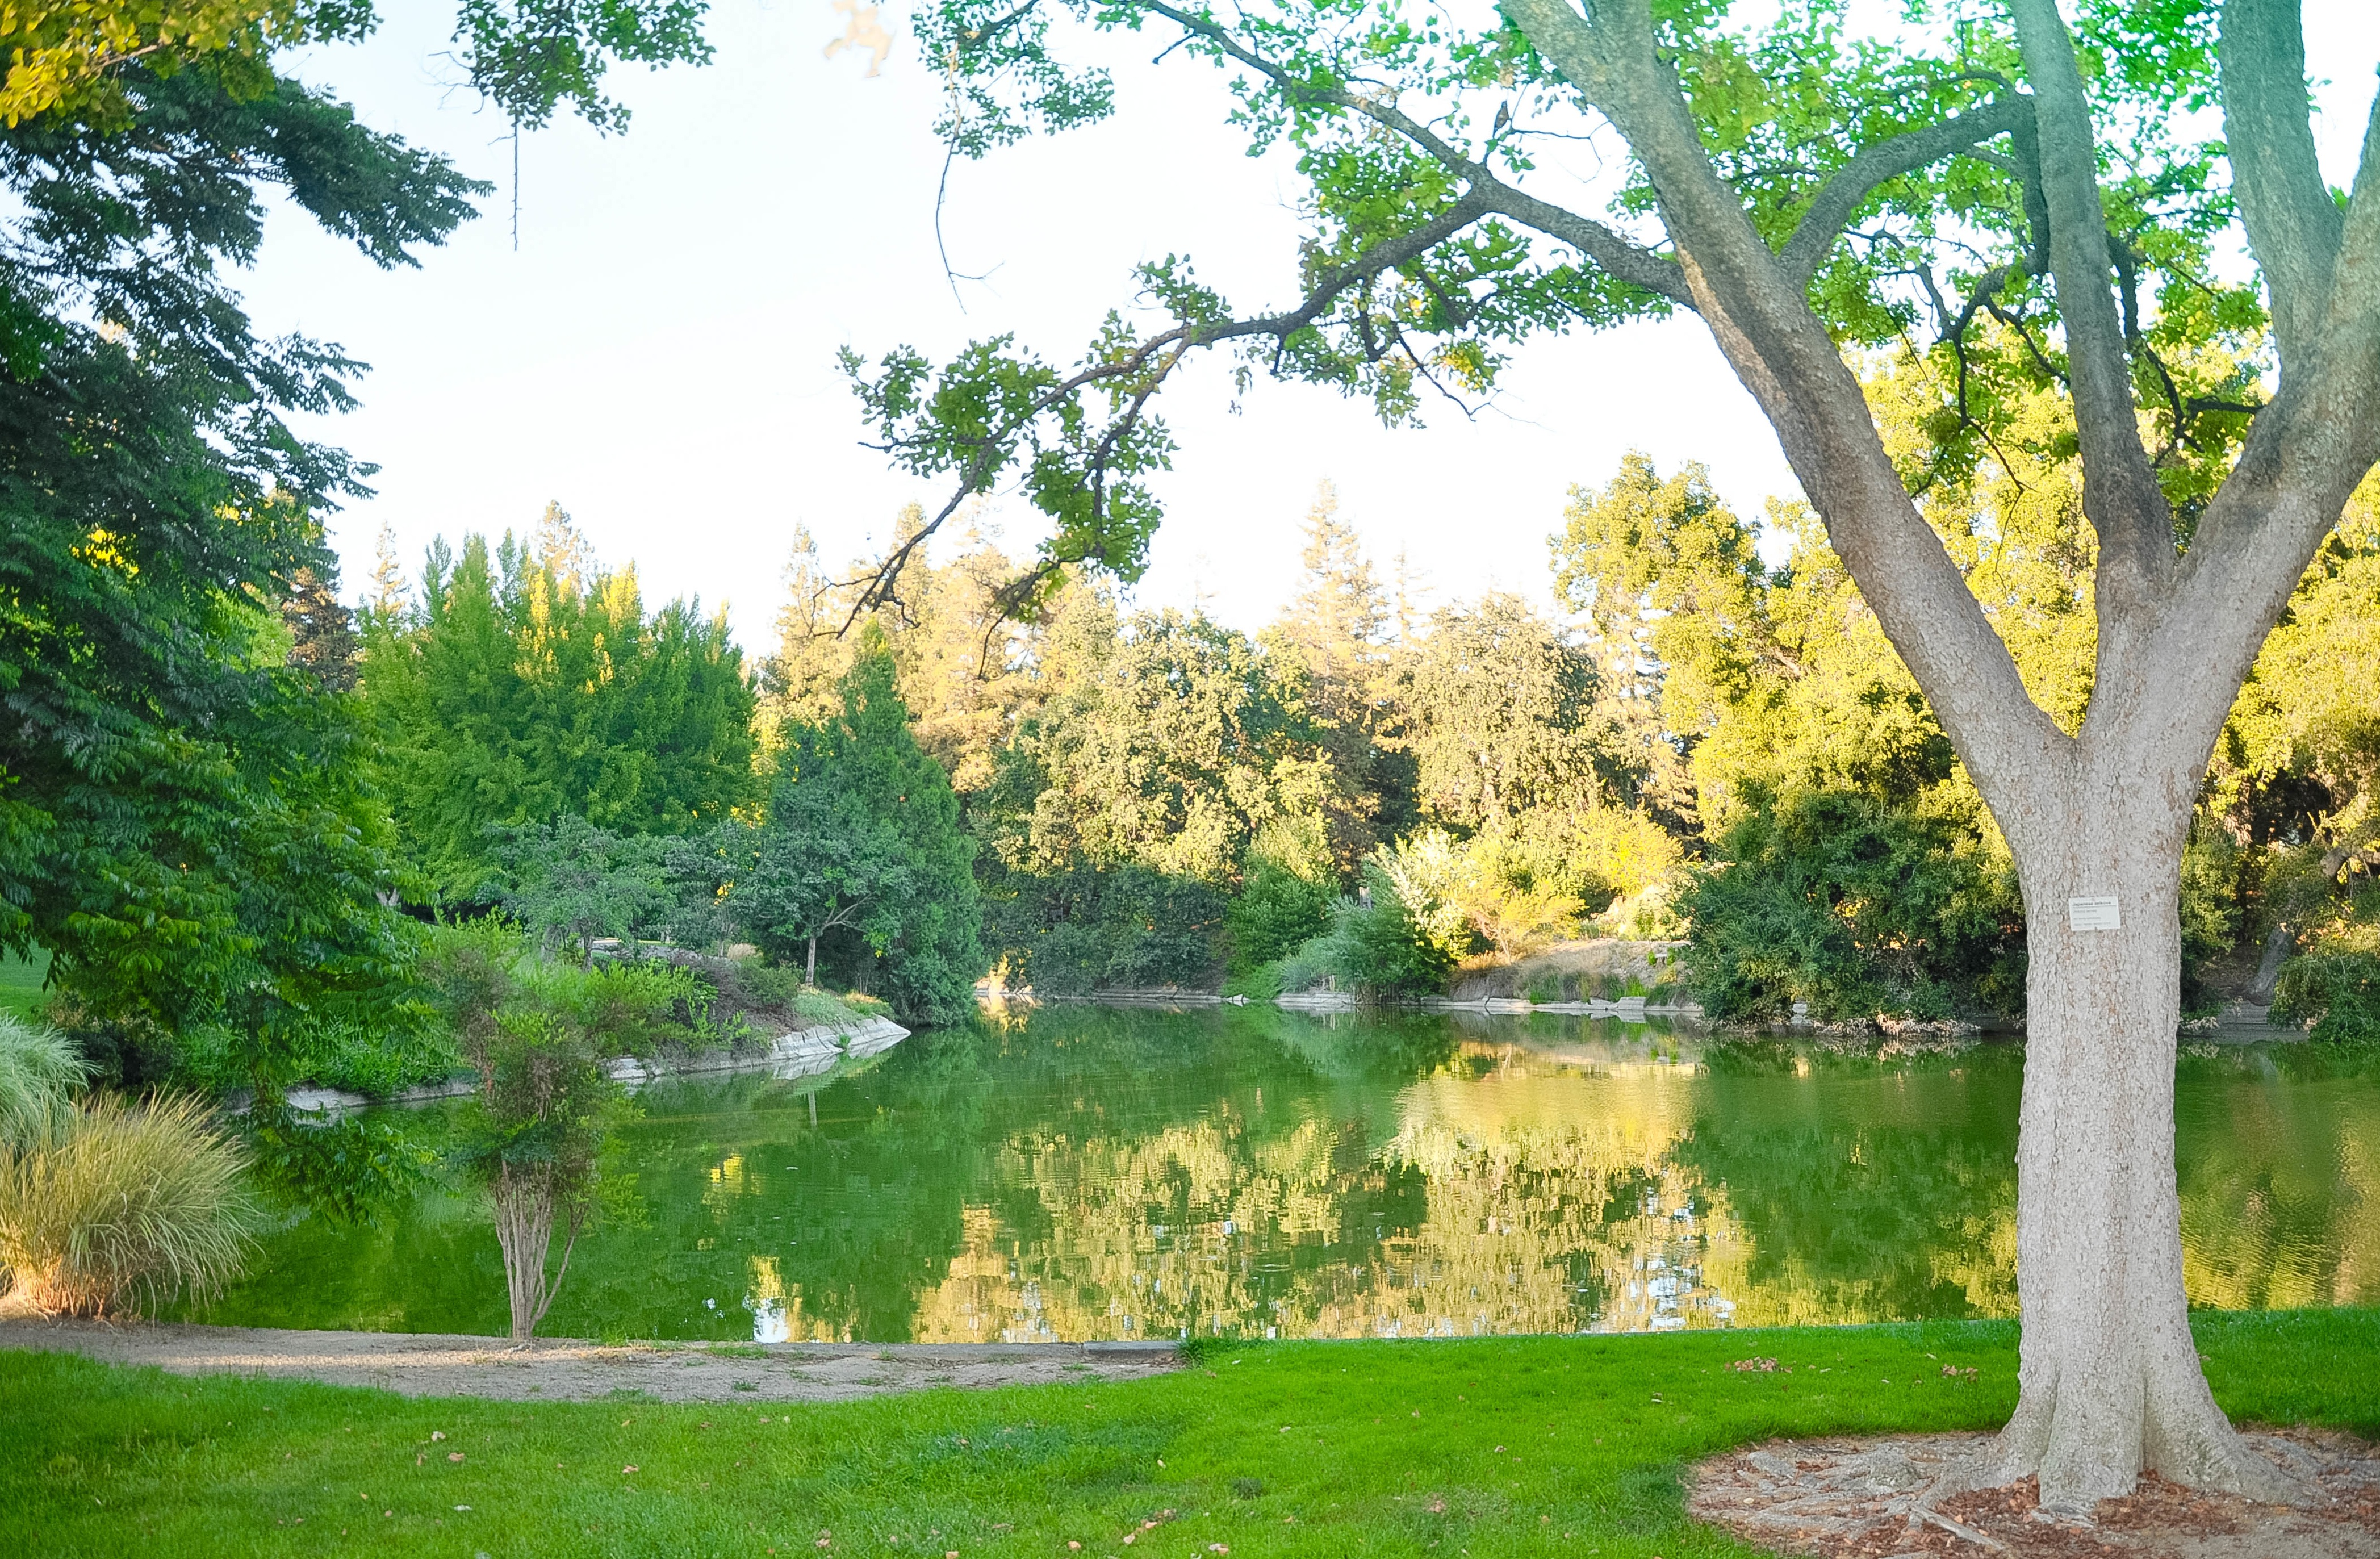 Hồ Spafford bình yên và lãng mạn